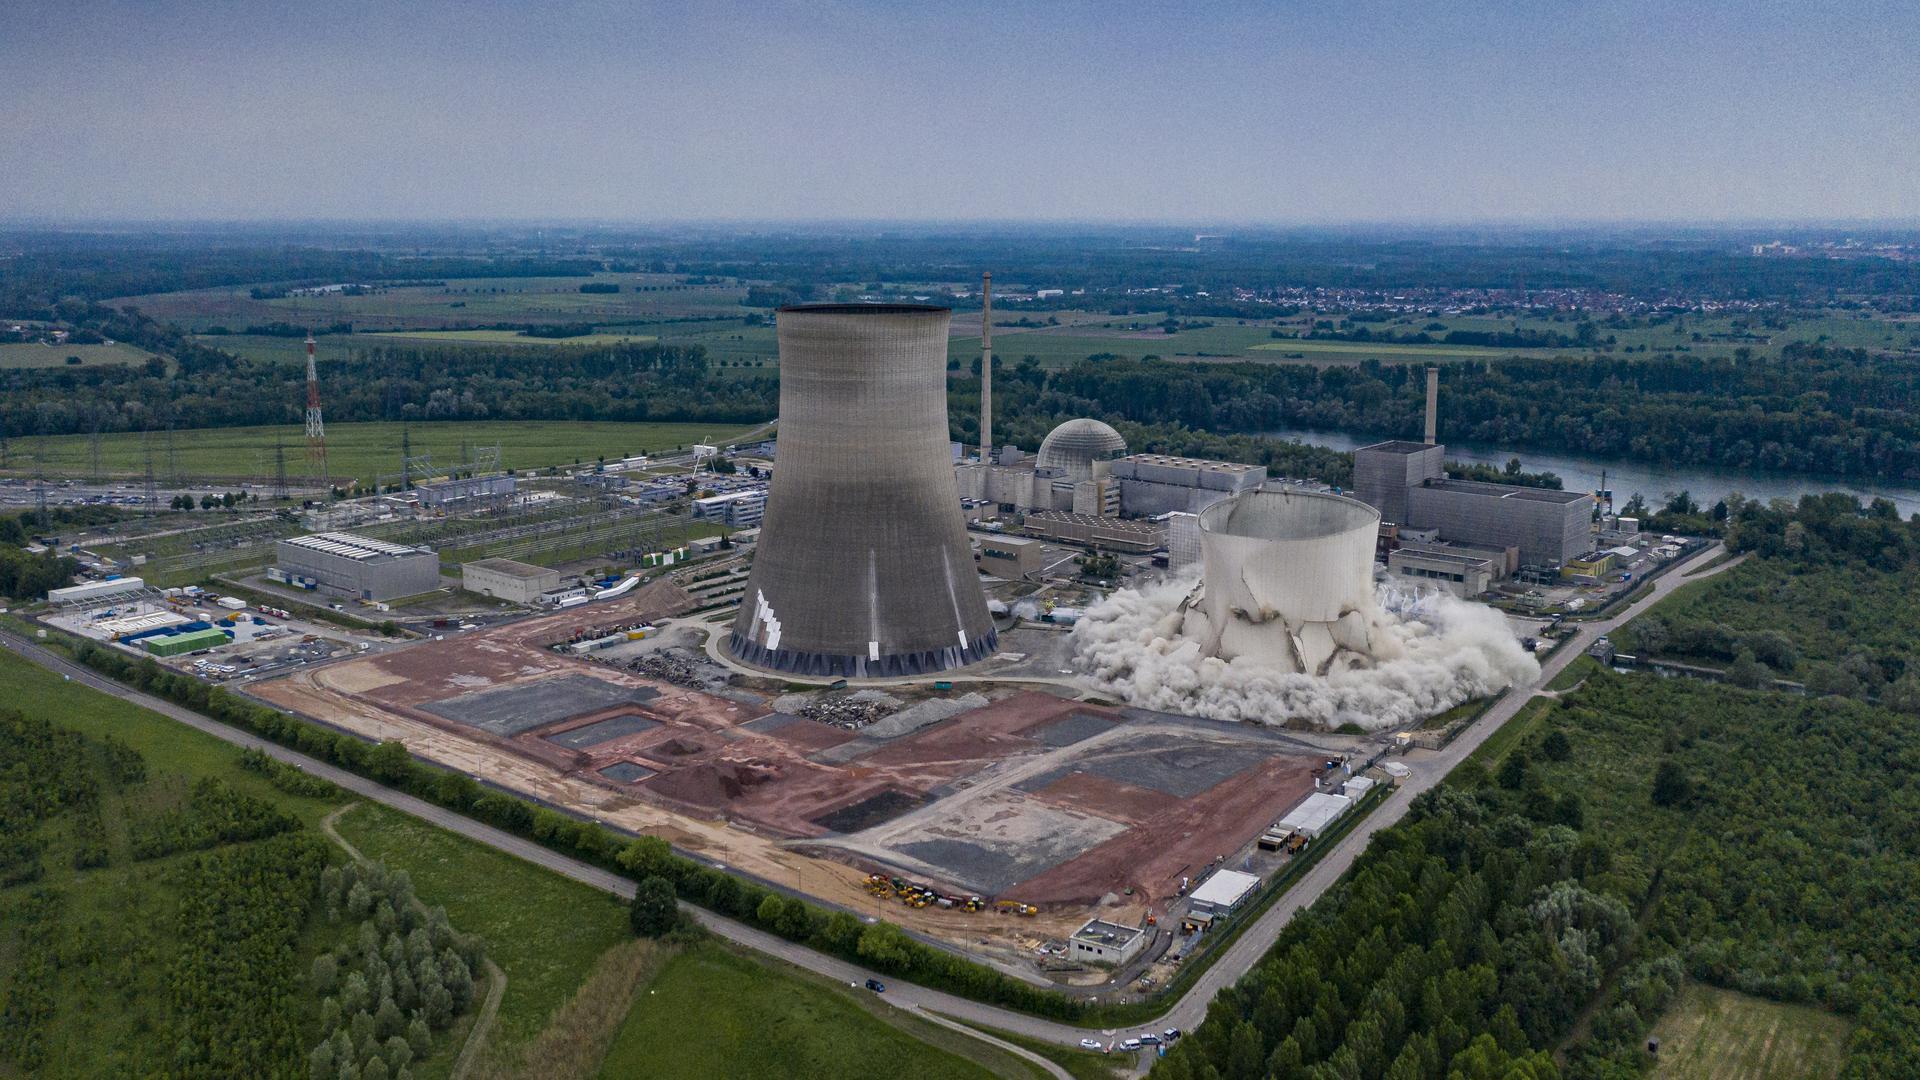 Sprengung der Kühltürme des Kernkraftwerk Philippsburg